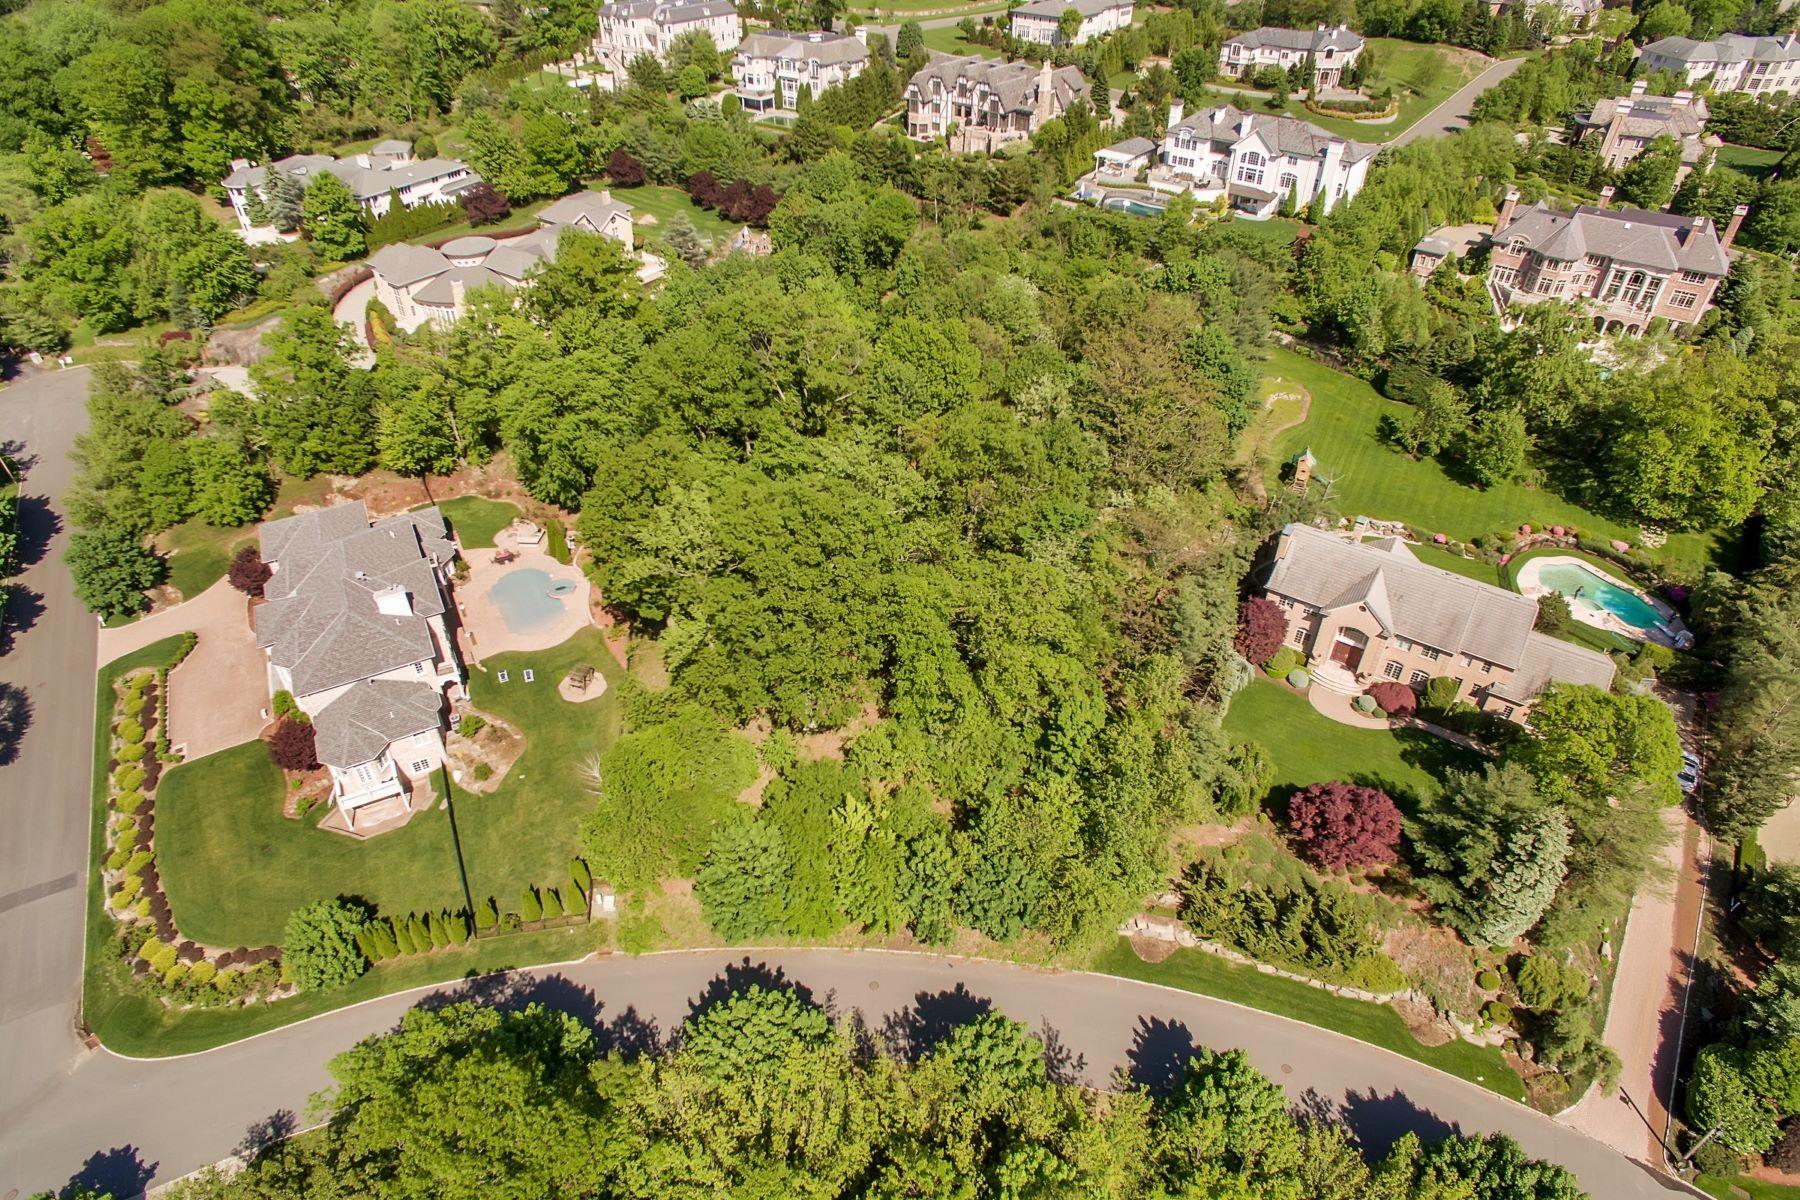 Terreno por un Venta en Incredible Land Opportunity 103 Huyler Landing Rd, Cresskill, Nueva Jersey 0762 Estados Unidos